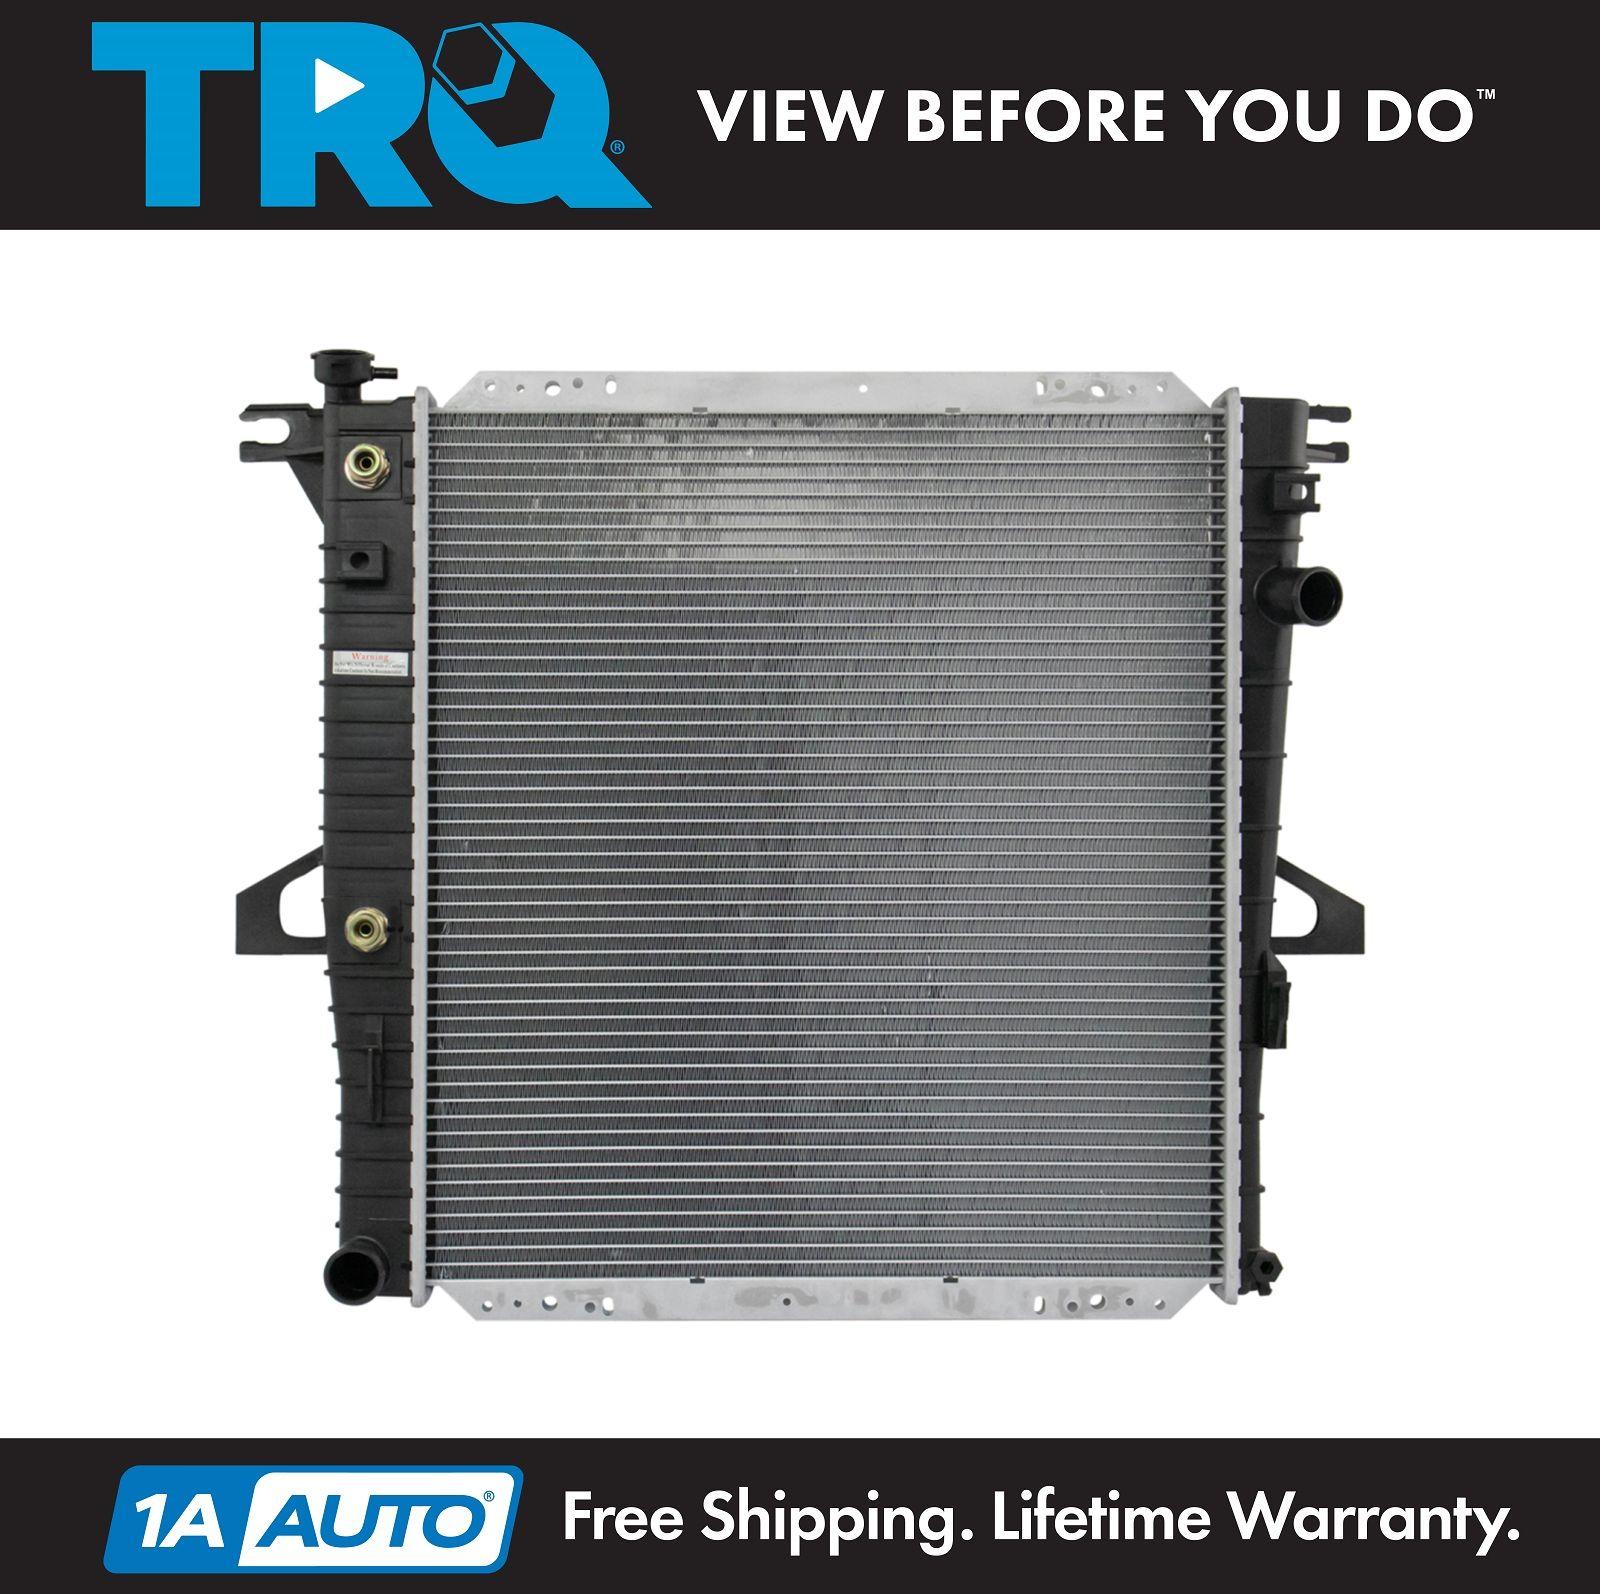 New Radiator for Ford Explorer Mountaineer Ranger B3000 B4000 Pickup Truck